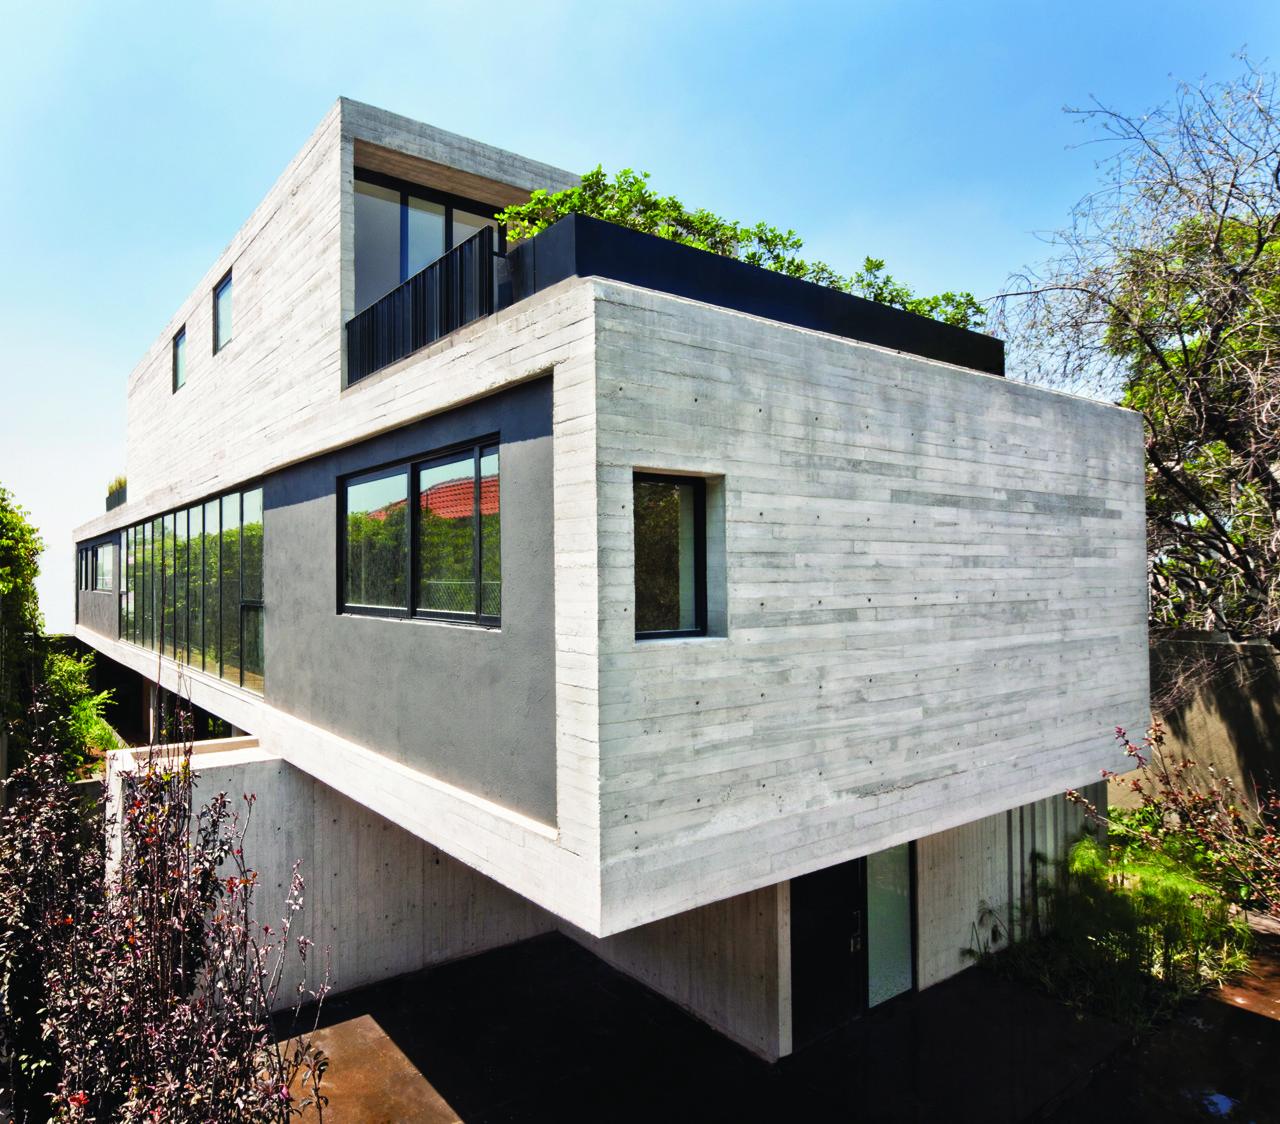 Archivo viviendas unifamiliares en m xico plataforma for Viviendas unifamiliares modernas